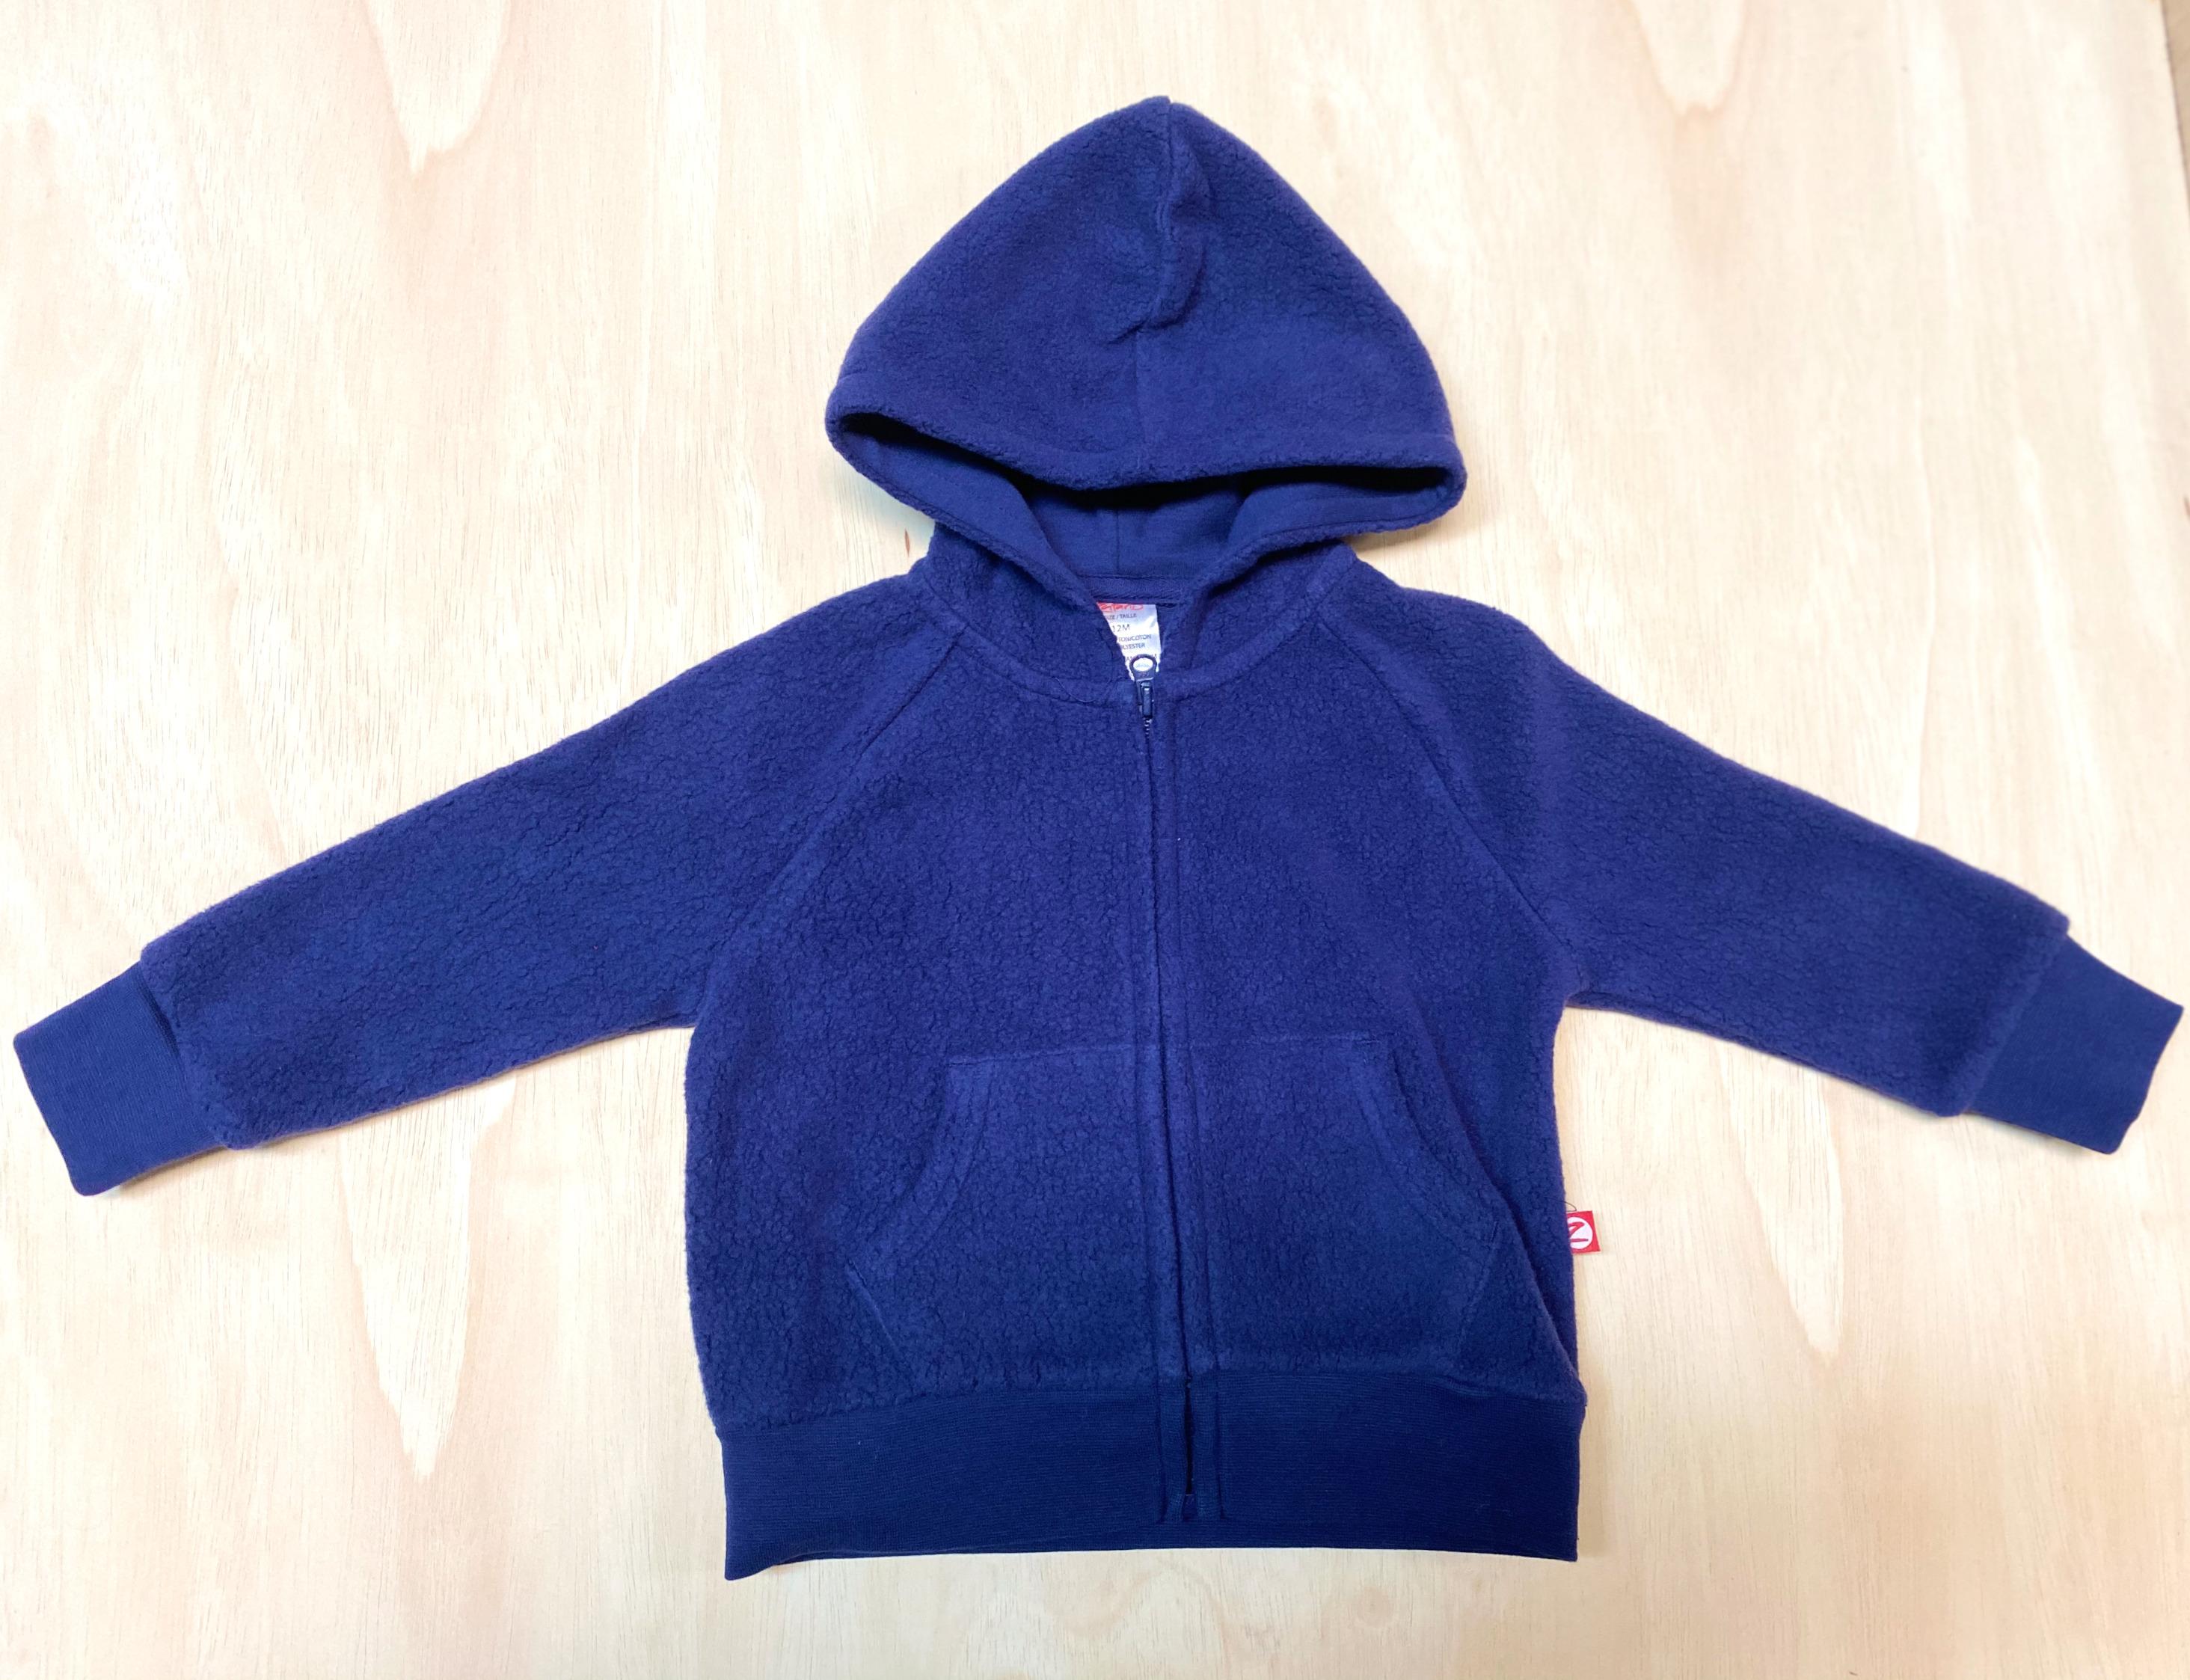 Zutano Fleece Sweatshirt